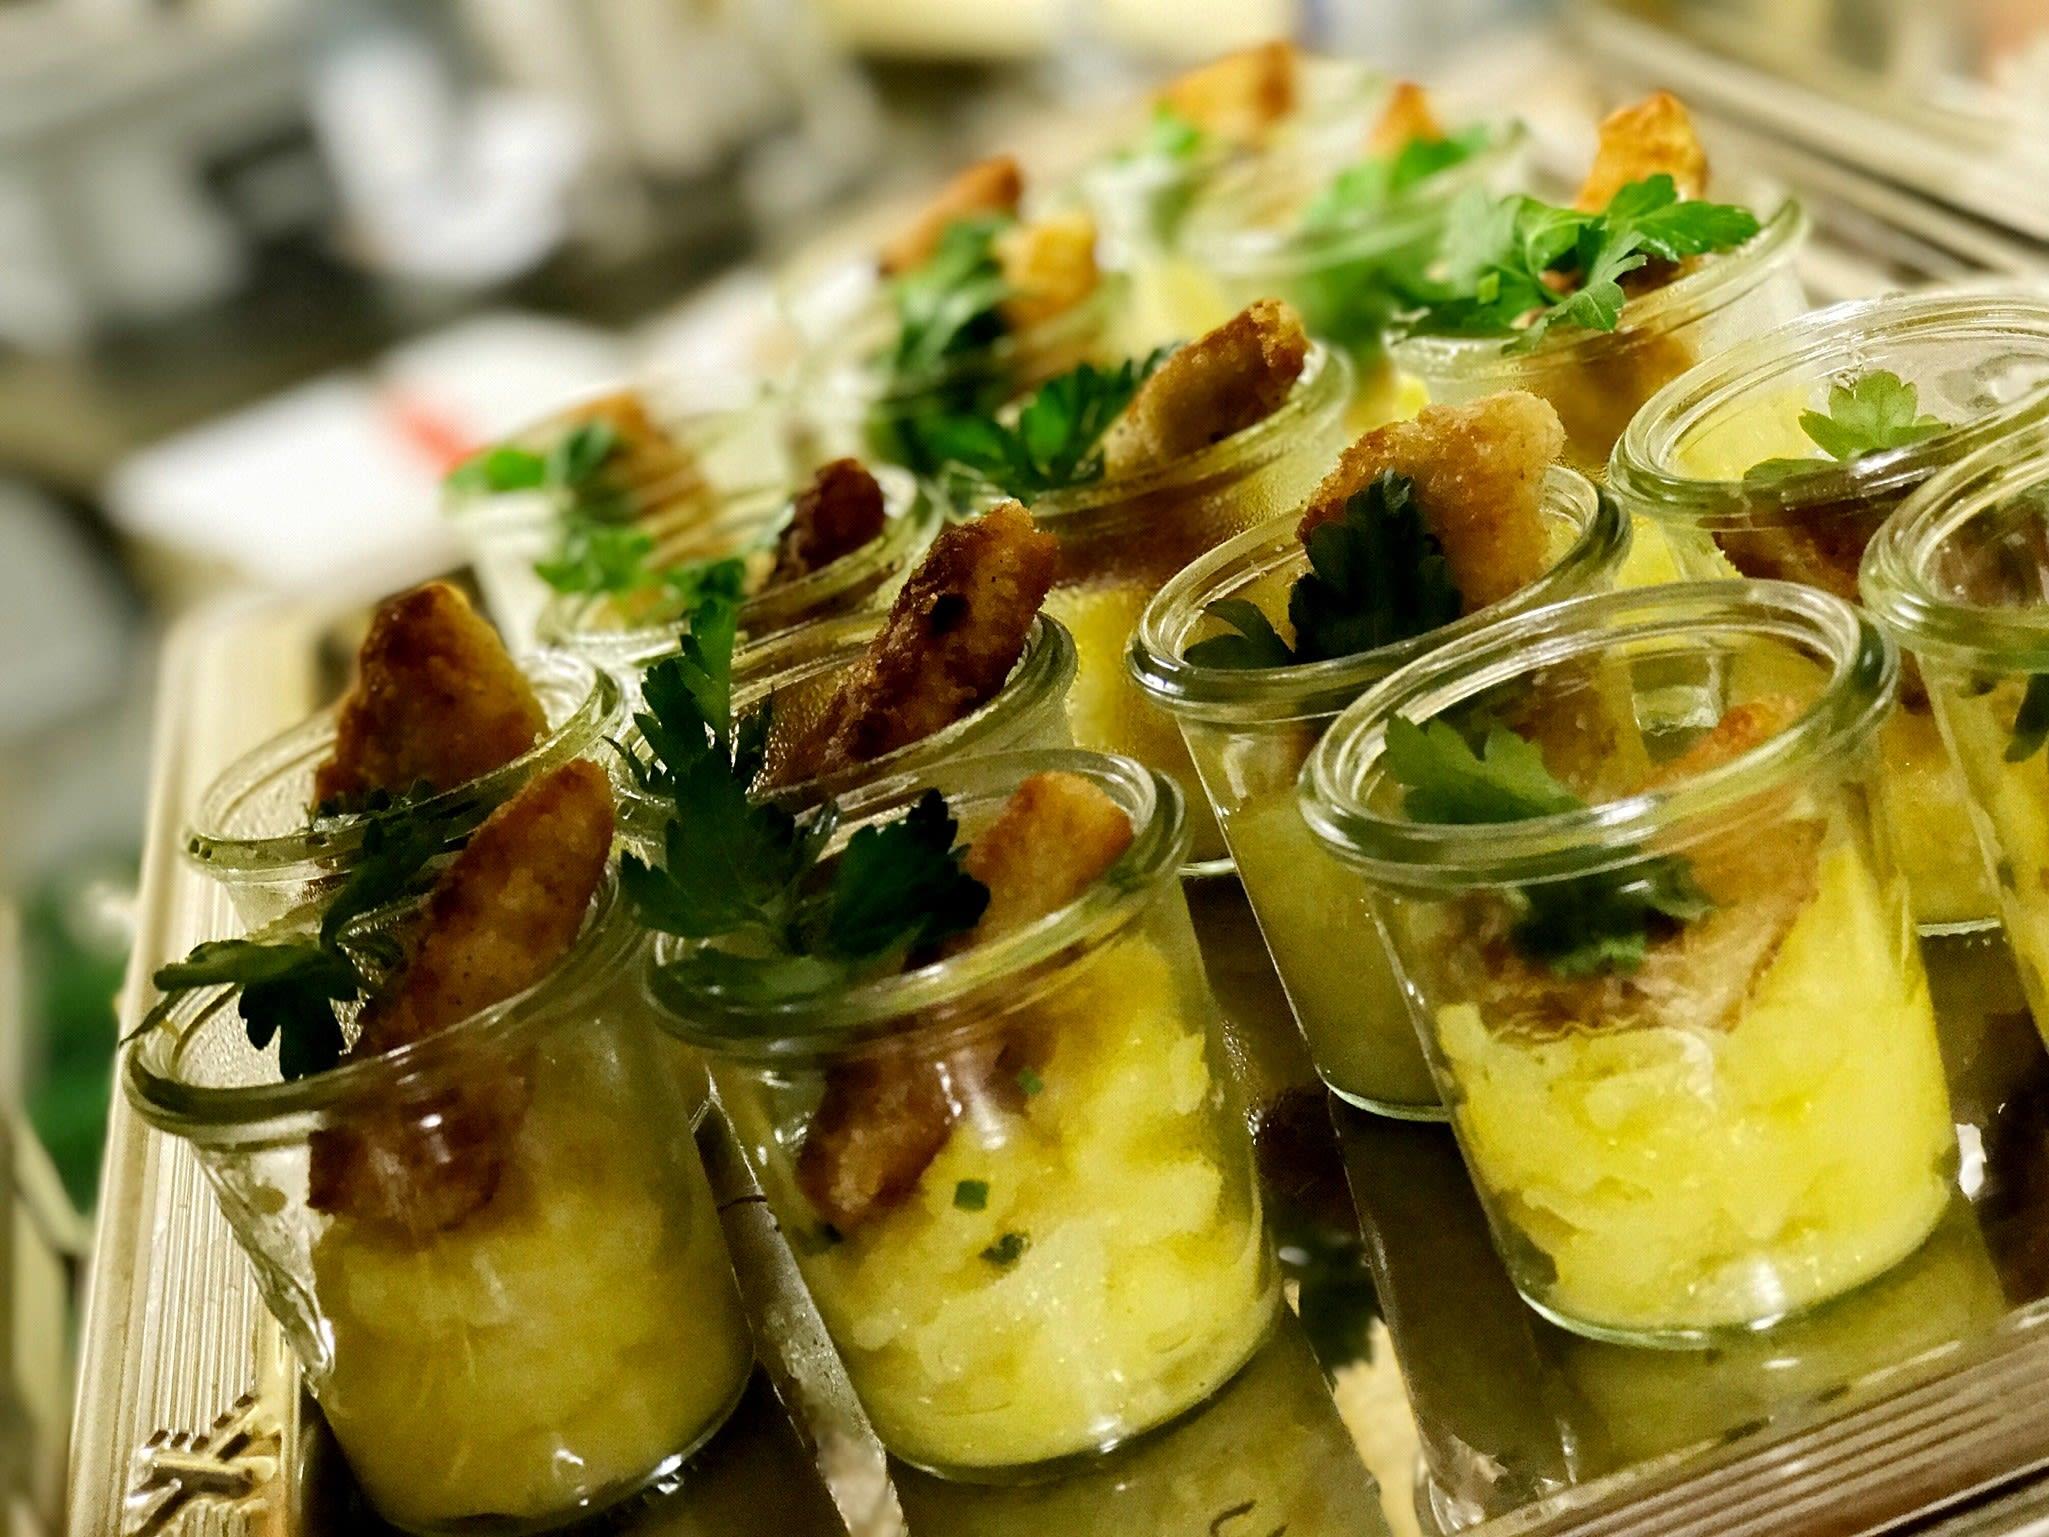 Schnitzel und Kartoffelsalat im Glas Catering